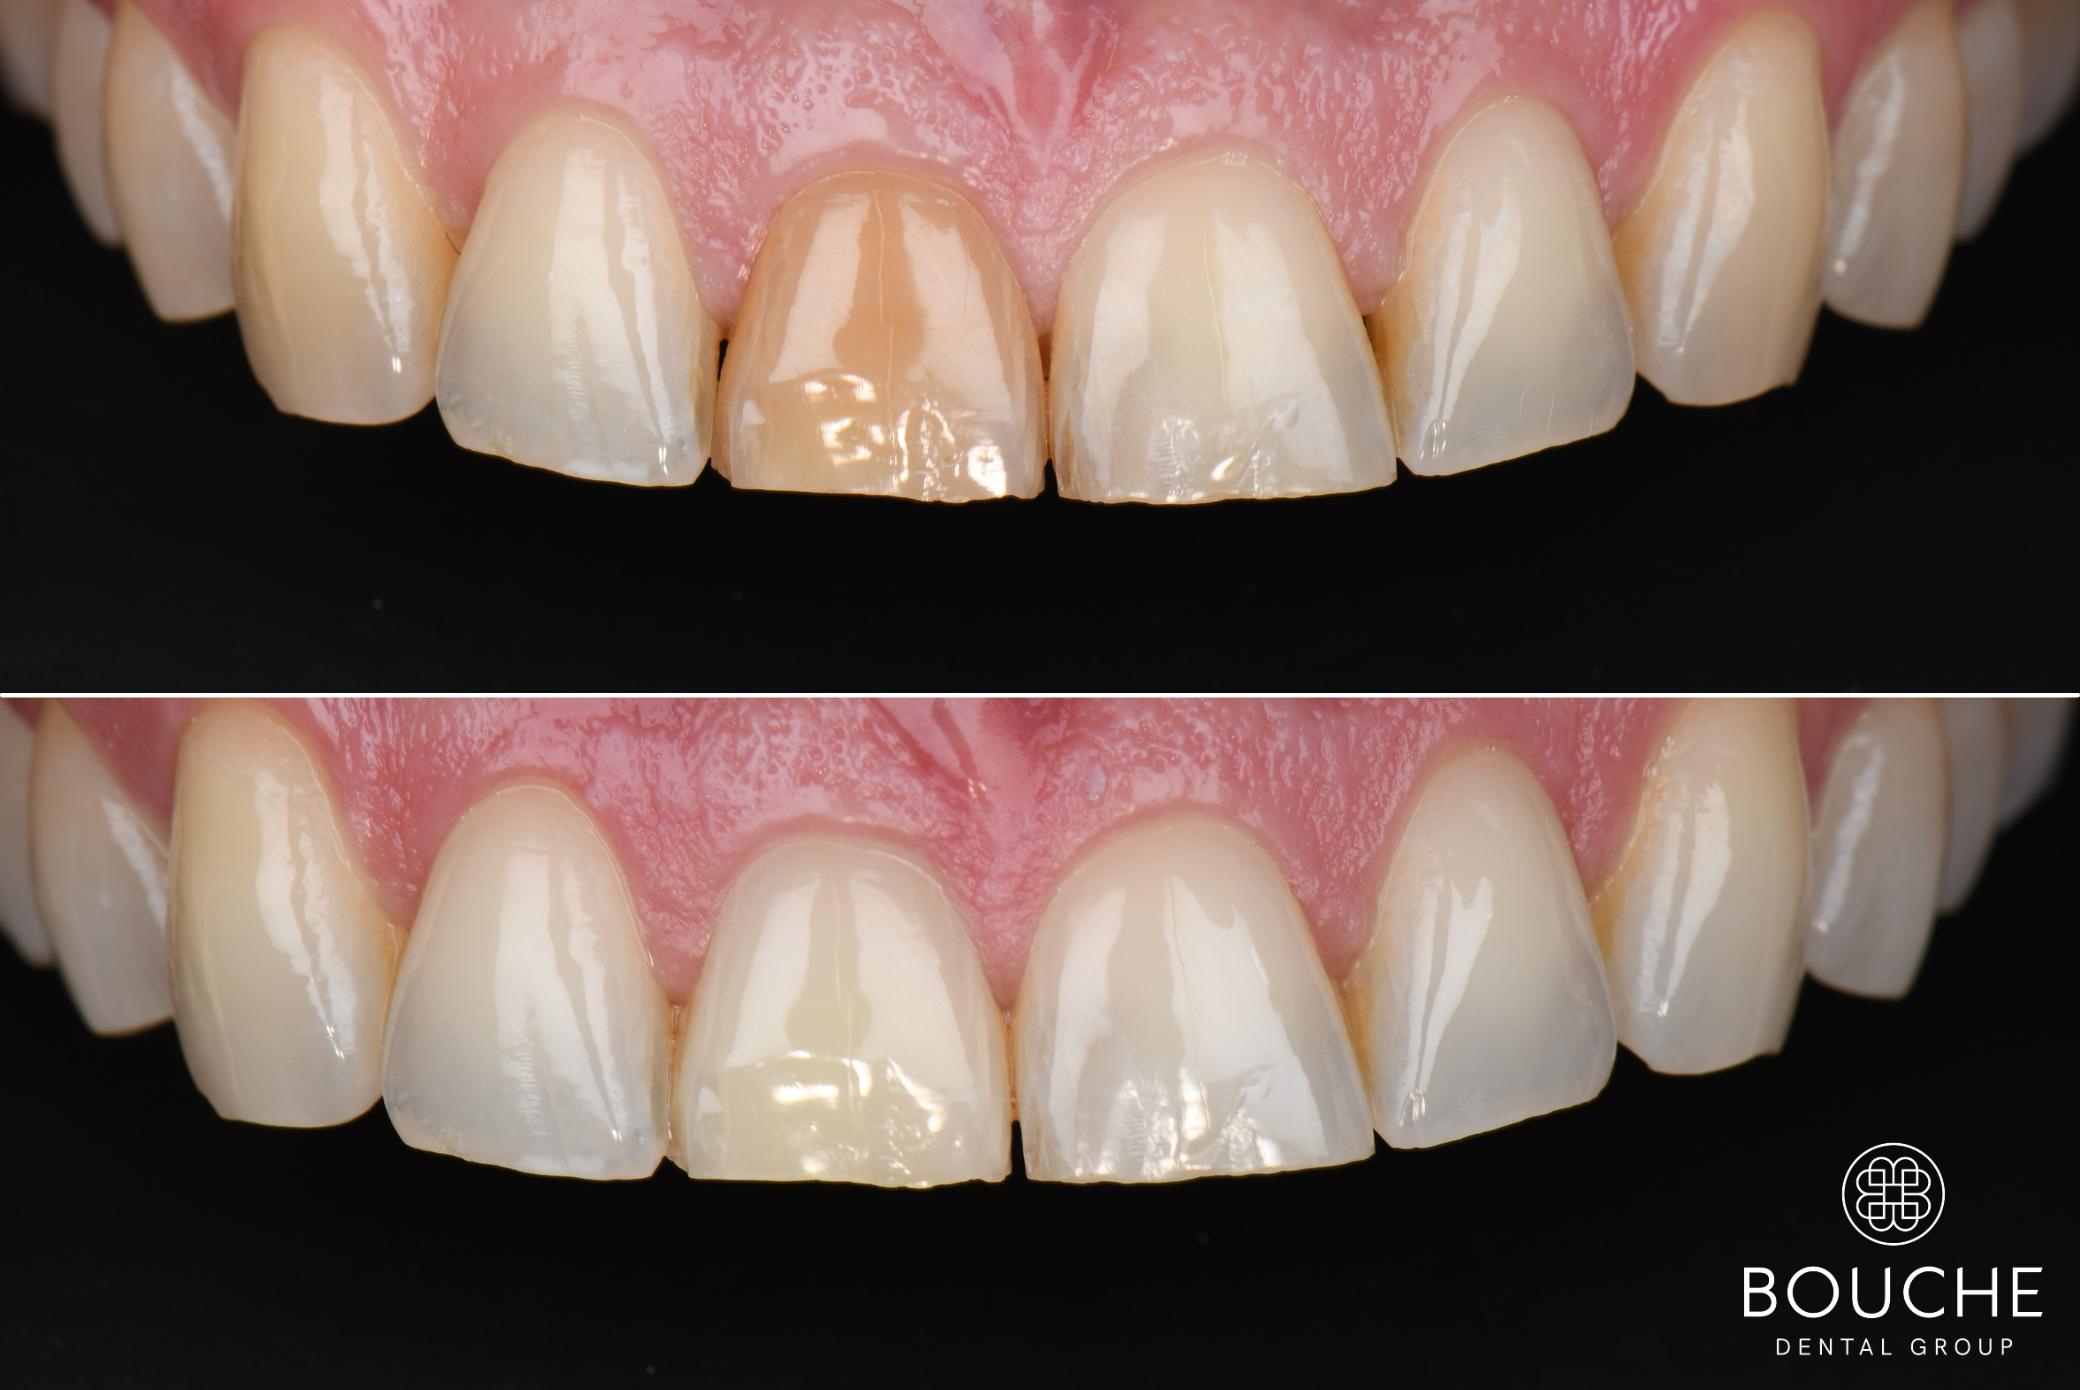 dente castanho